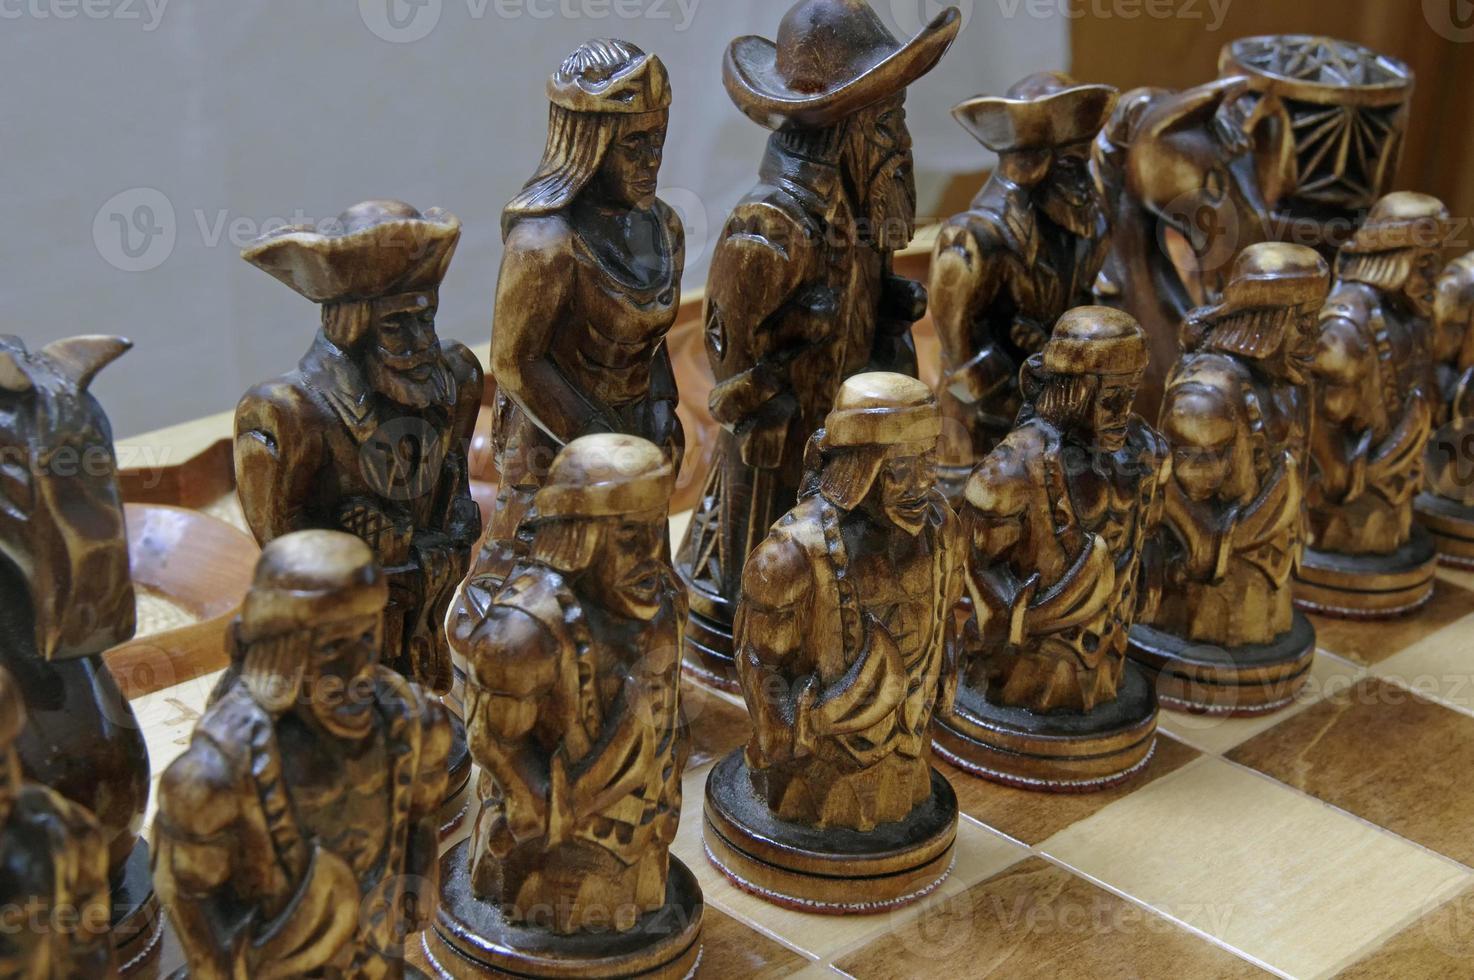 figuras de ajedrez a bordo foto